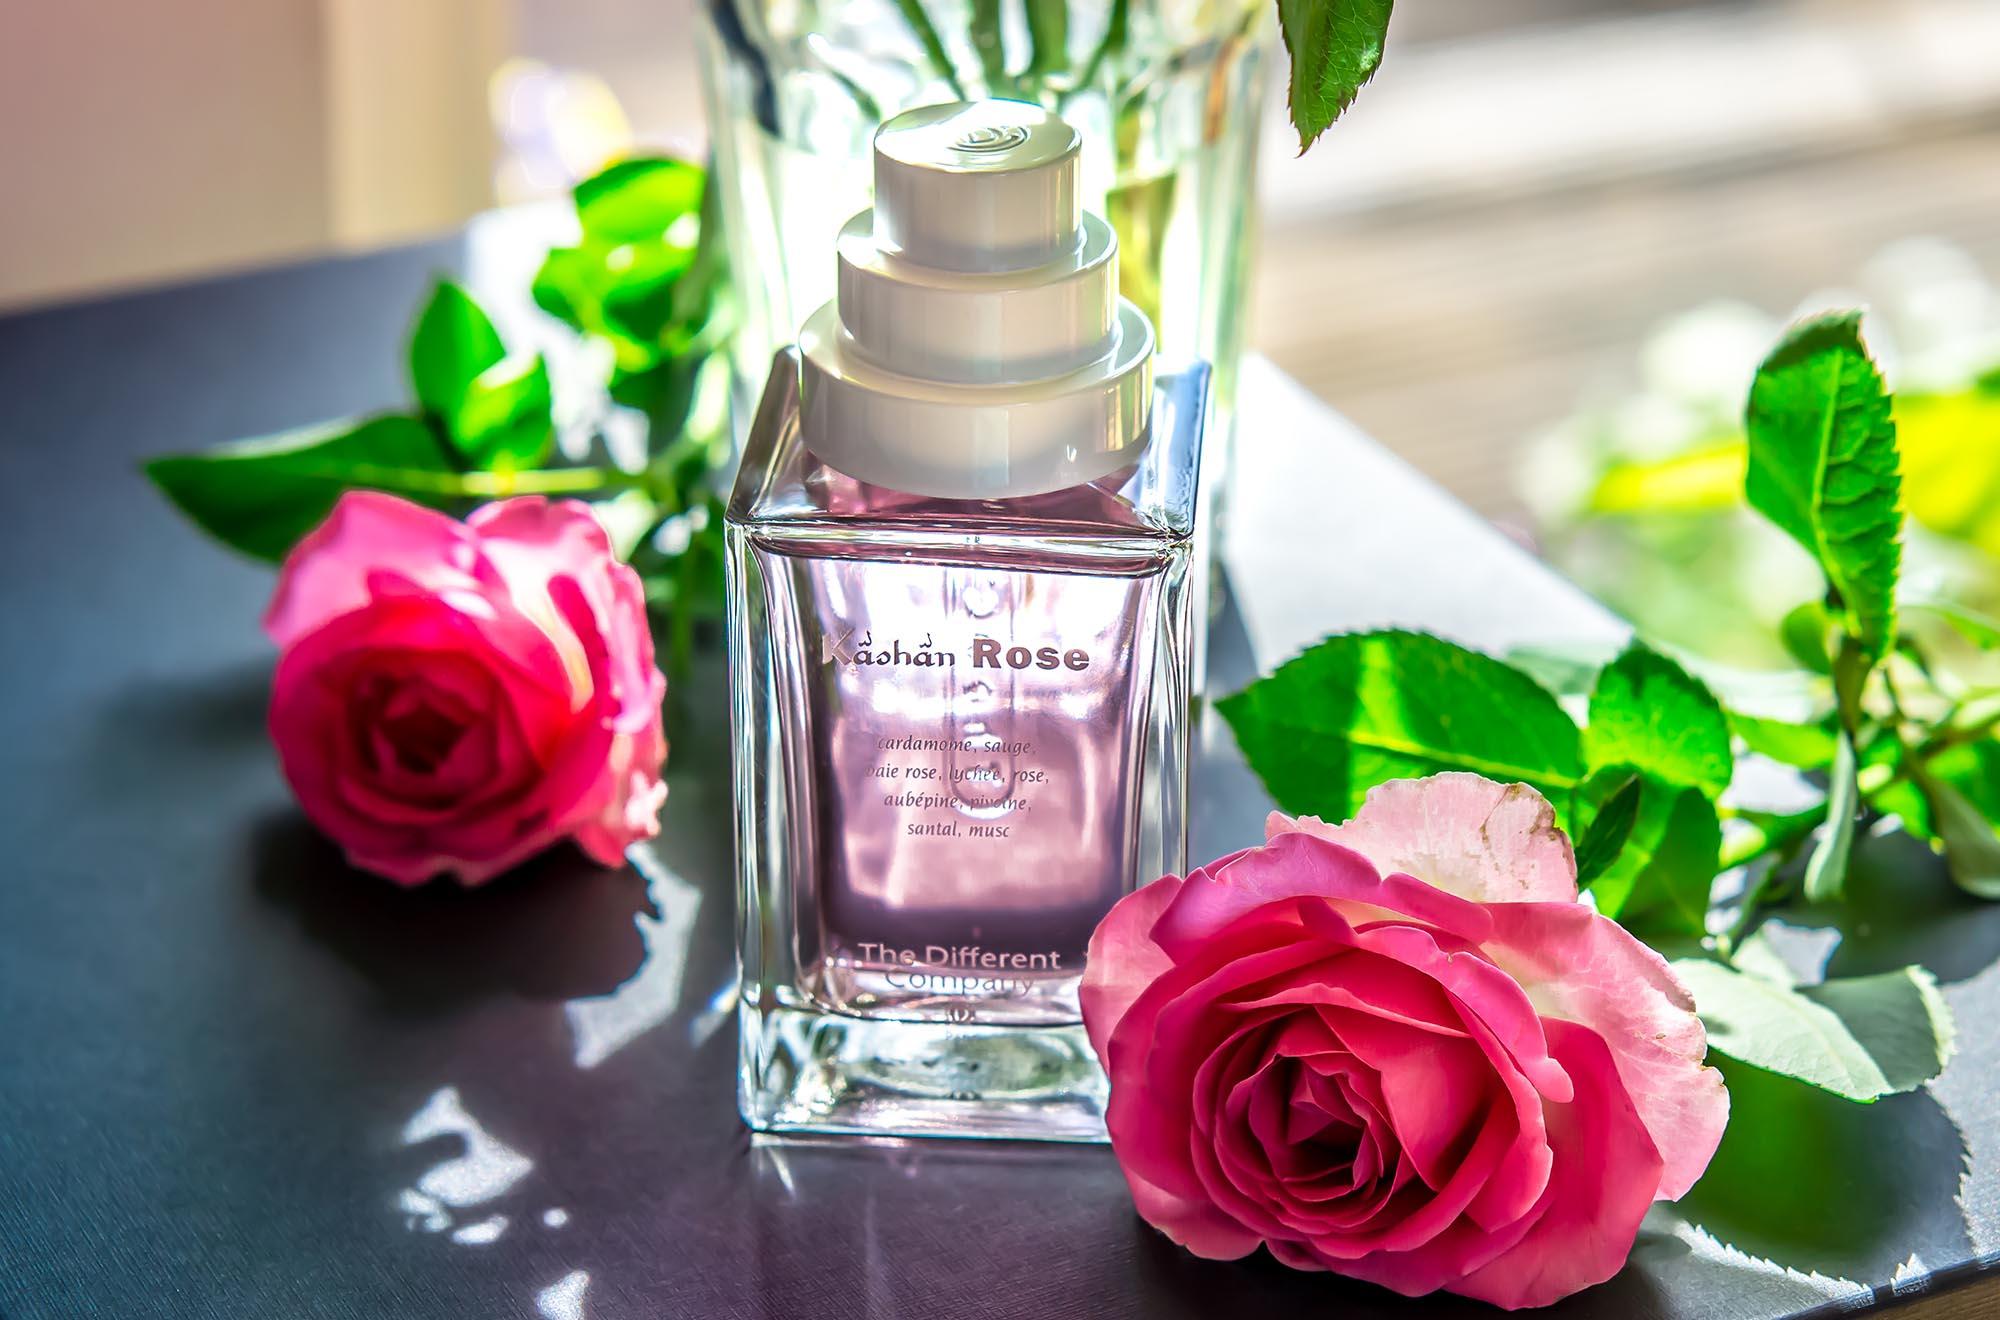 Parfüm zum Verschenken richtig auswählen – eine 5-Schritte-Anleitung & Kashan Rose von The Different Company